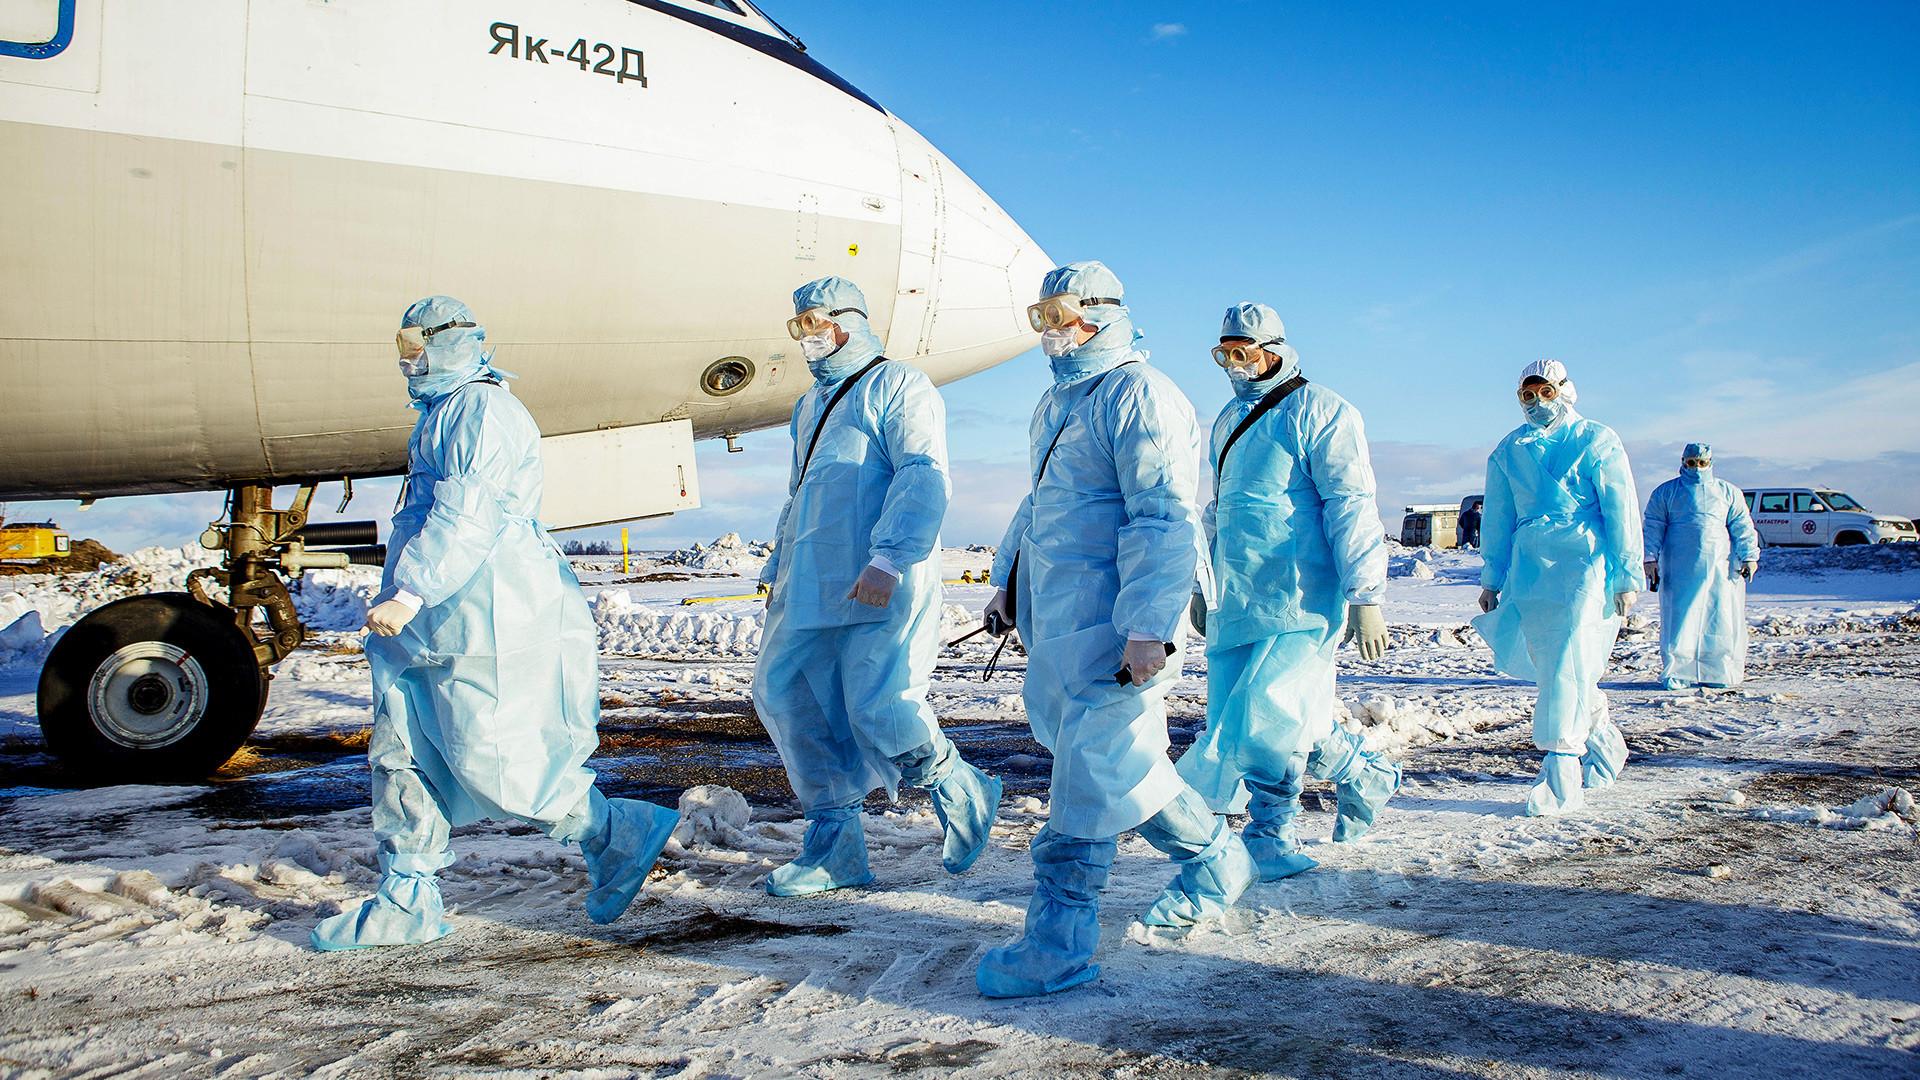 Обука за евакуација на патници со осомничен коронавирус, аеродром Чељабинск, 5 февруари 2020 година.